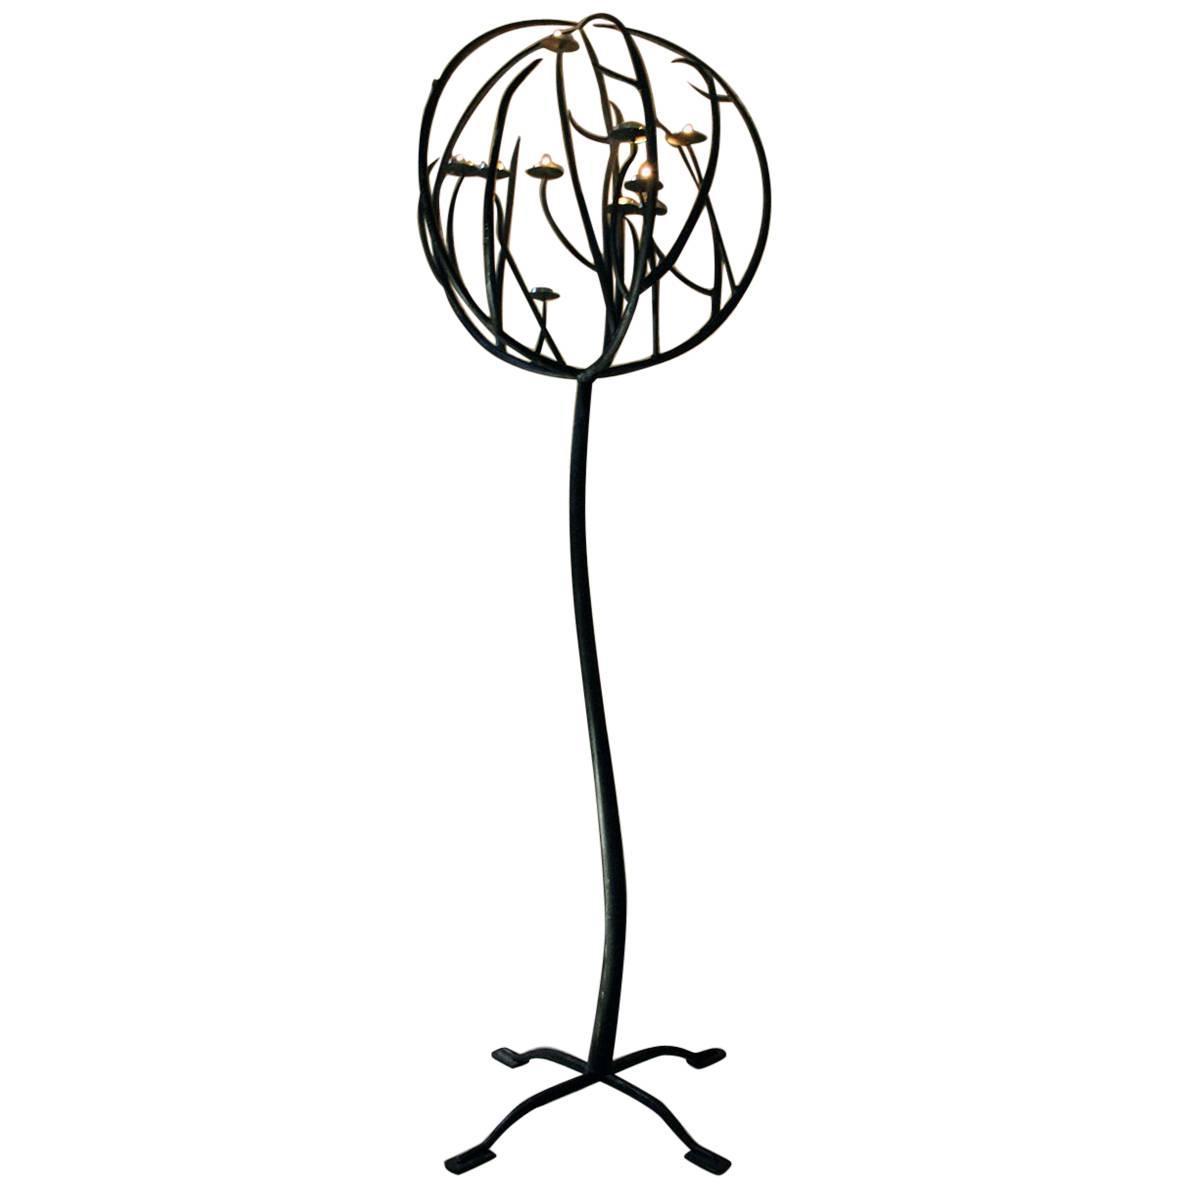 1189x1189 Century Black Wrought Iron Floor Standing Ten Sconce Sphere